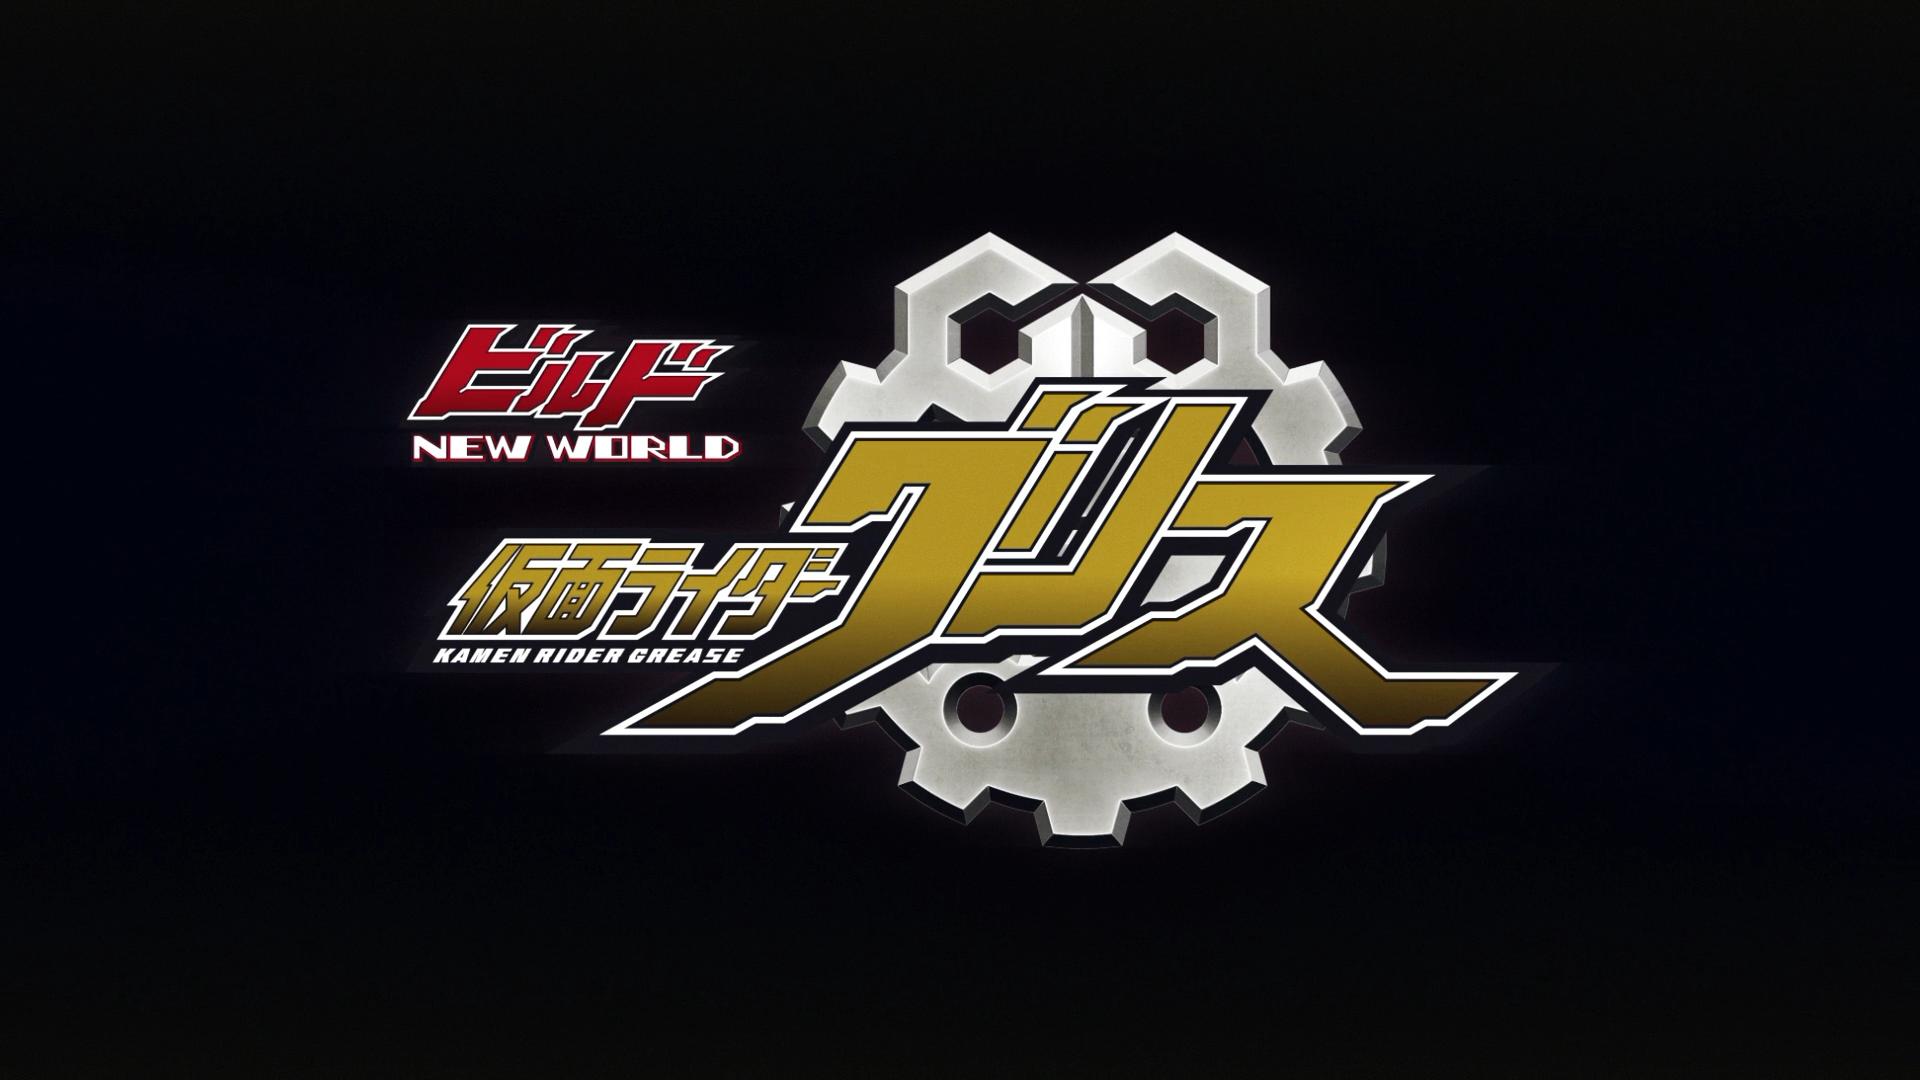 Kamen Rider Build New World Kamen Rider Grease Kamen Rider Wiki